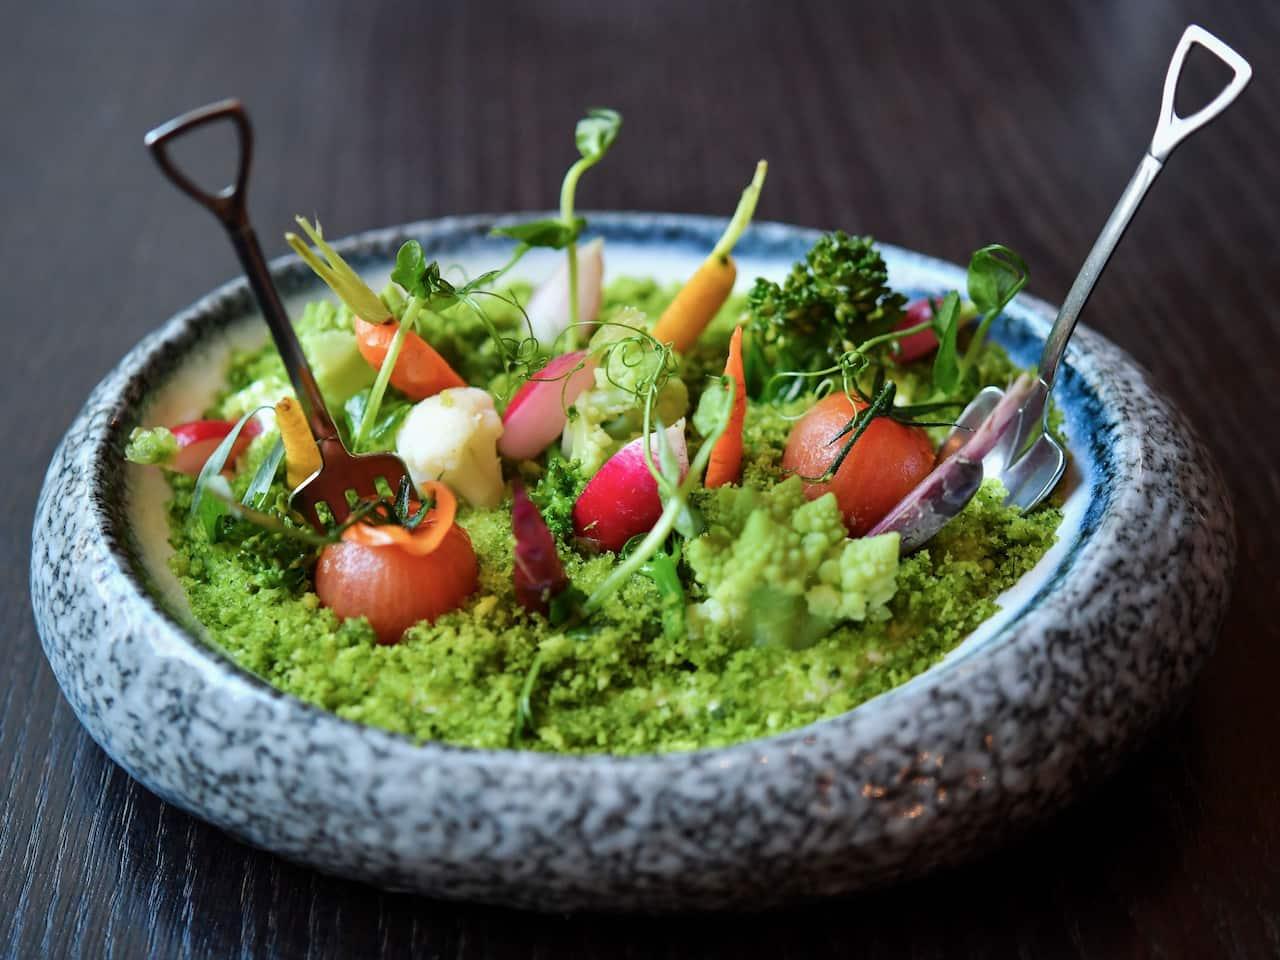 Sunday Garden Brunch salad at The Montagu Kitchen in Marylebone